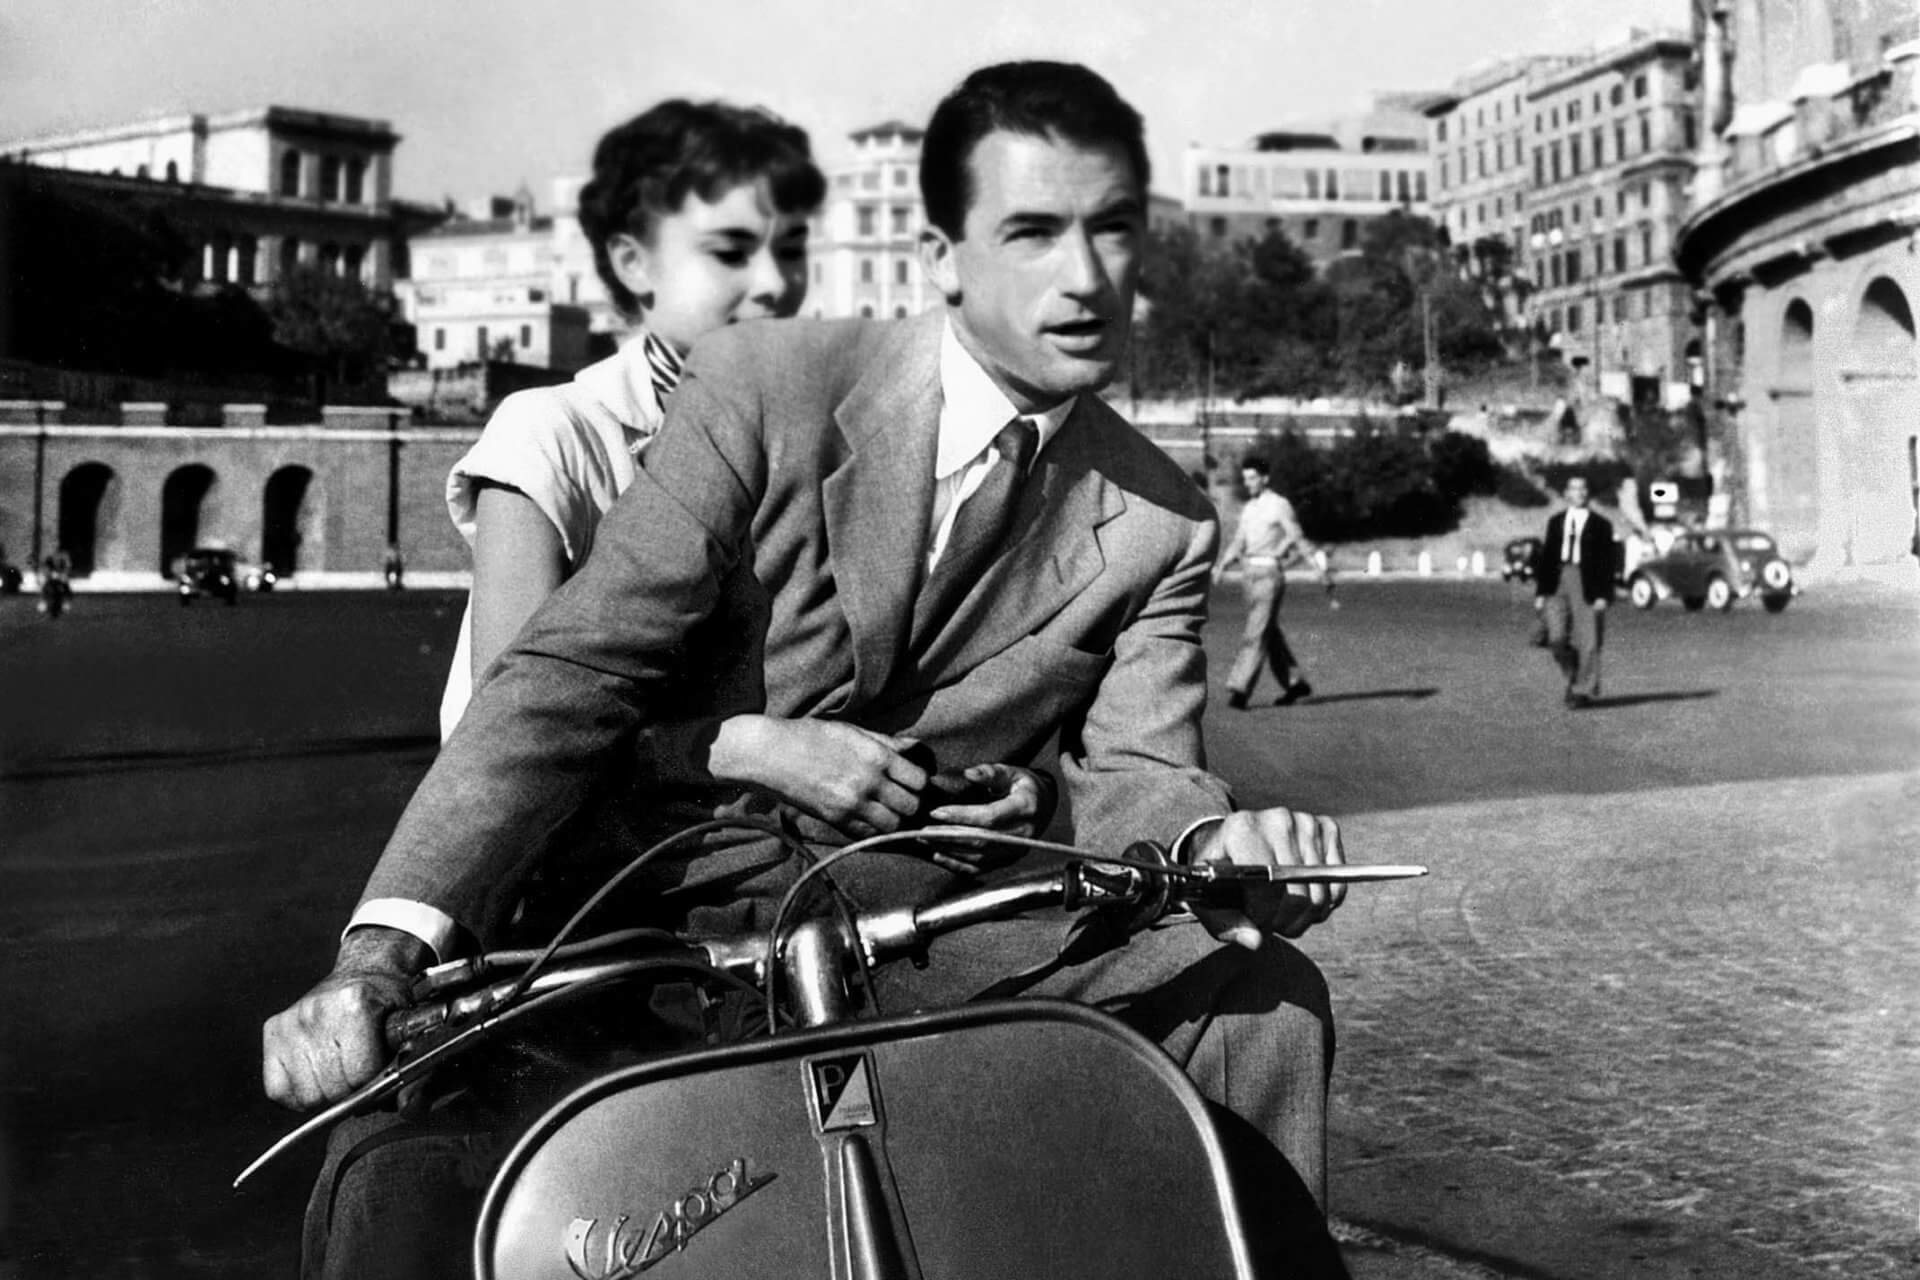 Audrey Hepbun e Gregory Peck na clássica cena de Vespa em 'A Princesa e o Plebeu' (Foto: divulgação / Paramount Pictures)